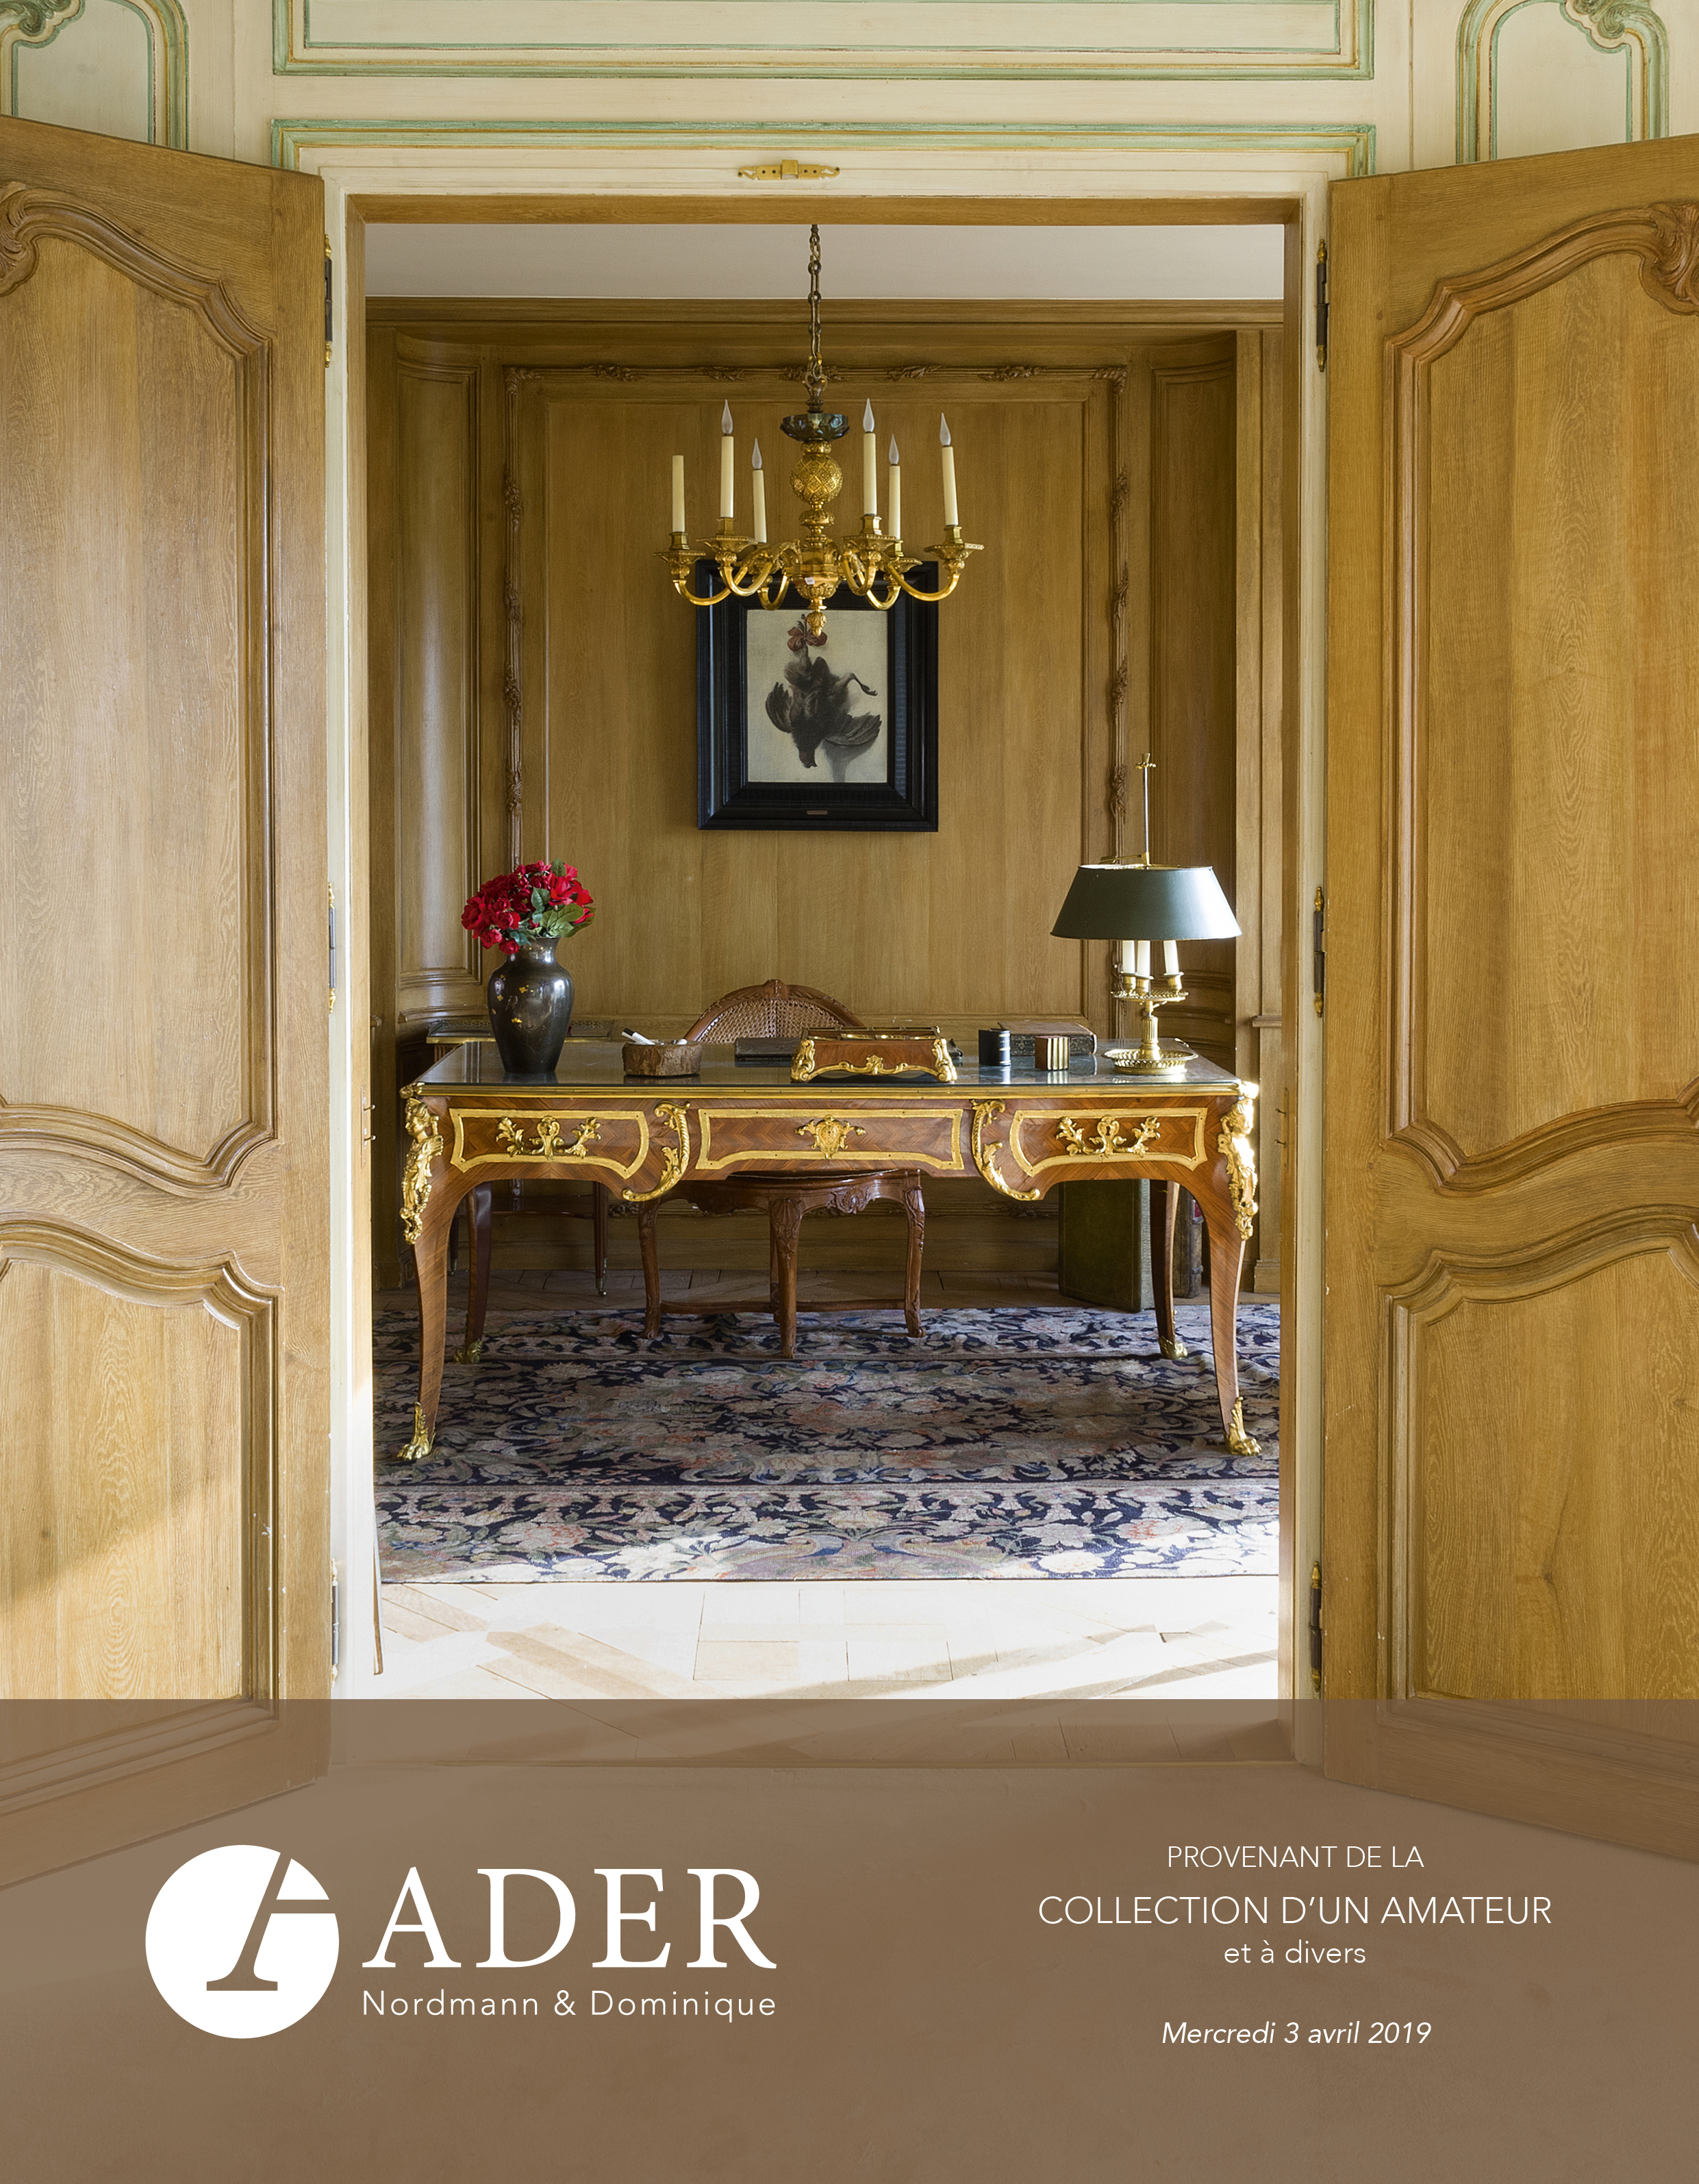 Vente Tableaux Anciens, Mobilier et Objets d'Art - Collection d'un Amateur chez Ader : 187 lots